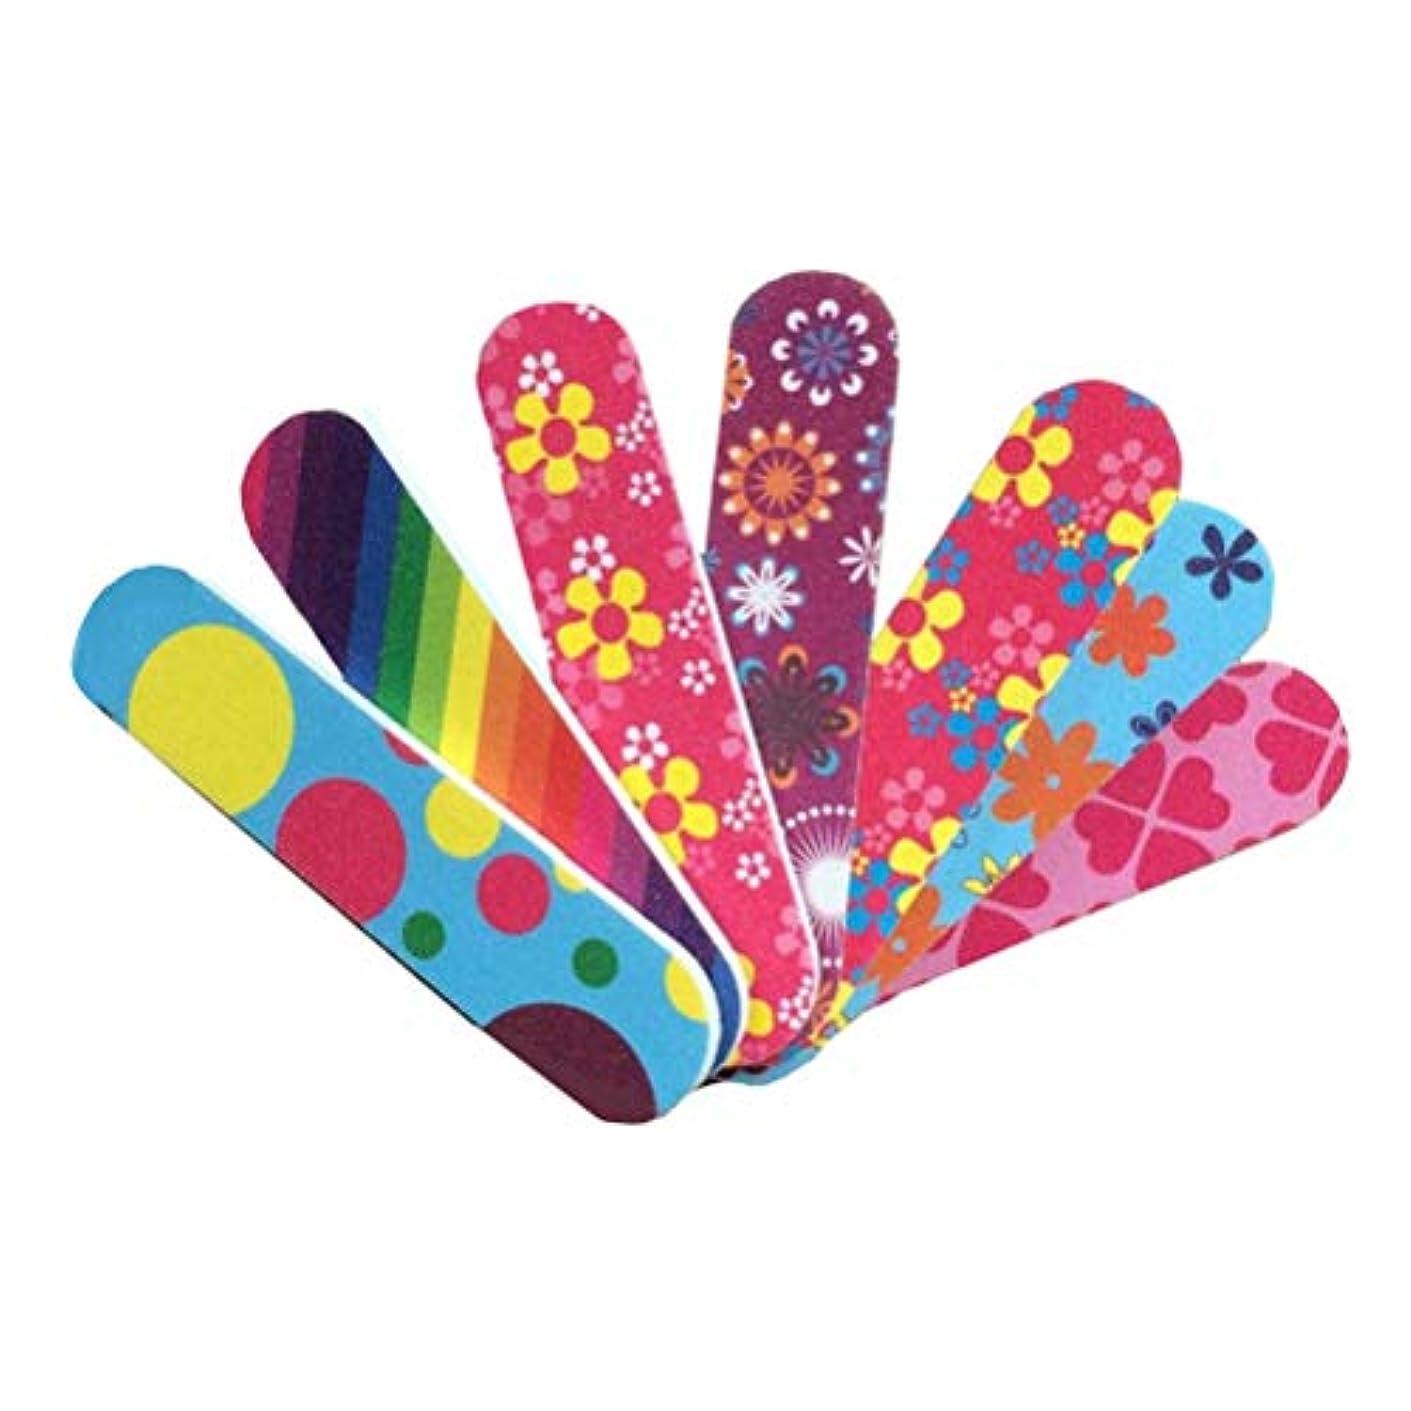 シンポジウムキャンディー精巧なFrcolor 爪やすり ミニ 爪磨き 両面タイプ ネイルシャイナー お手入れ ネイルケア マニキュア ネイルファイル 50本セット(ランダム色)